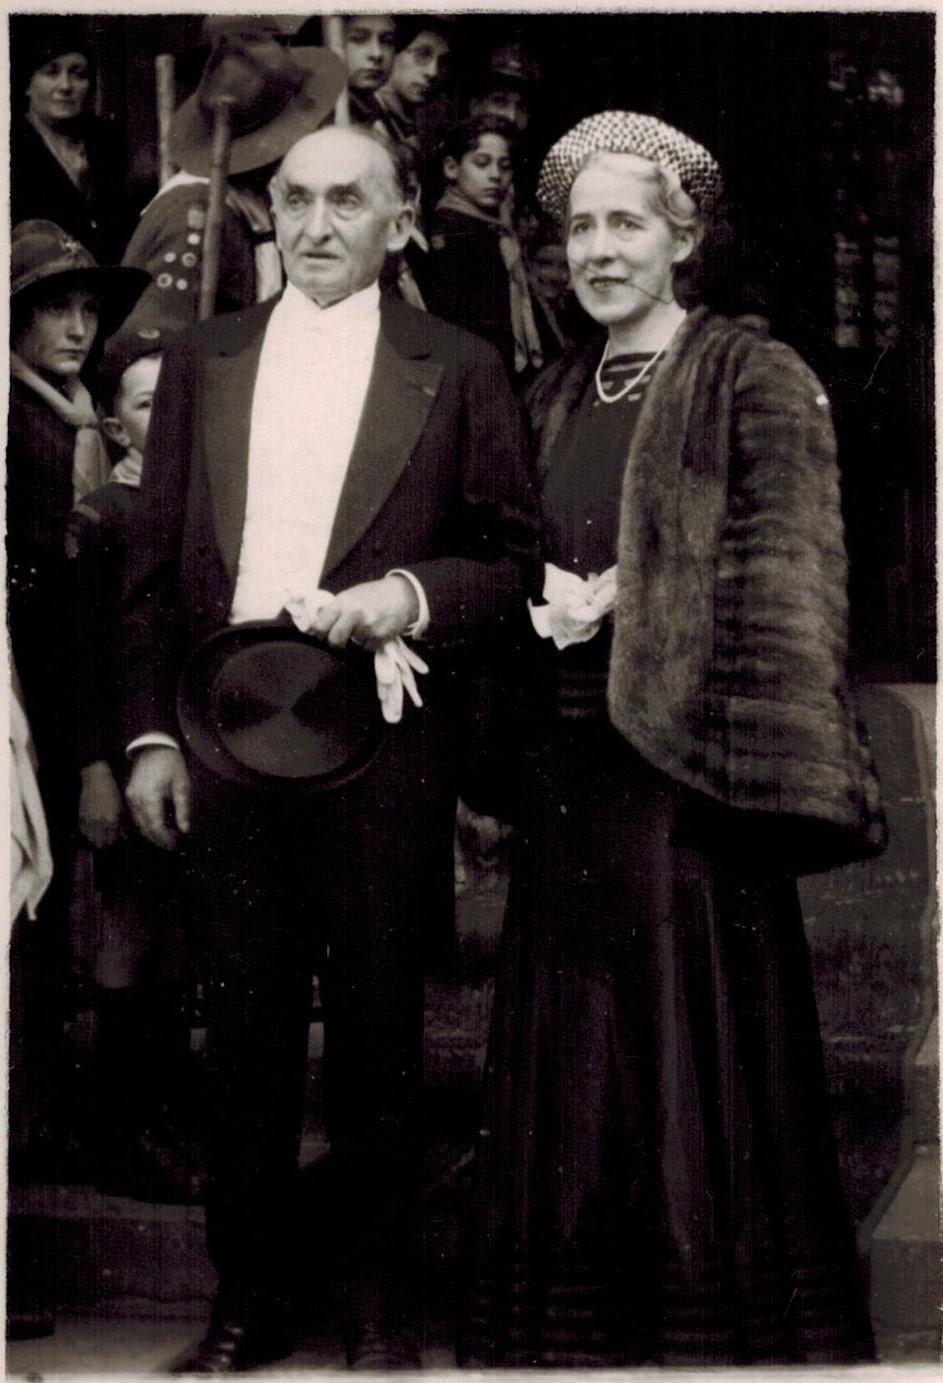 1938-03-19 Georges Cuny et Mme Ponsar au mariage de Criquette de Gérauvilliers (V0434).jpg